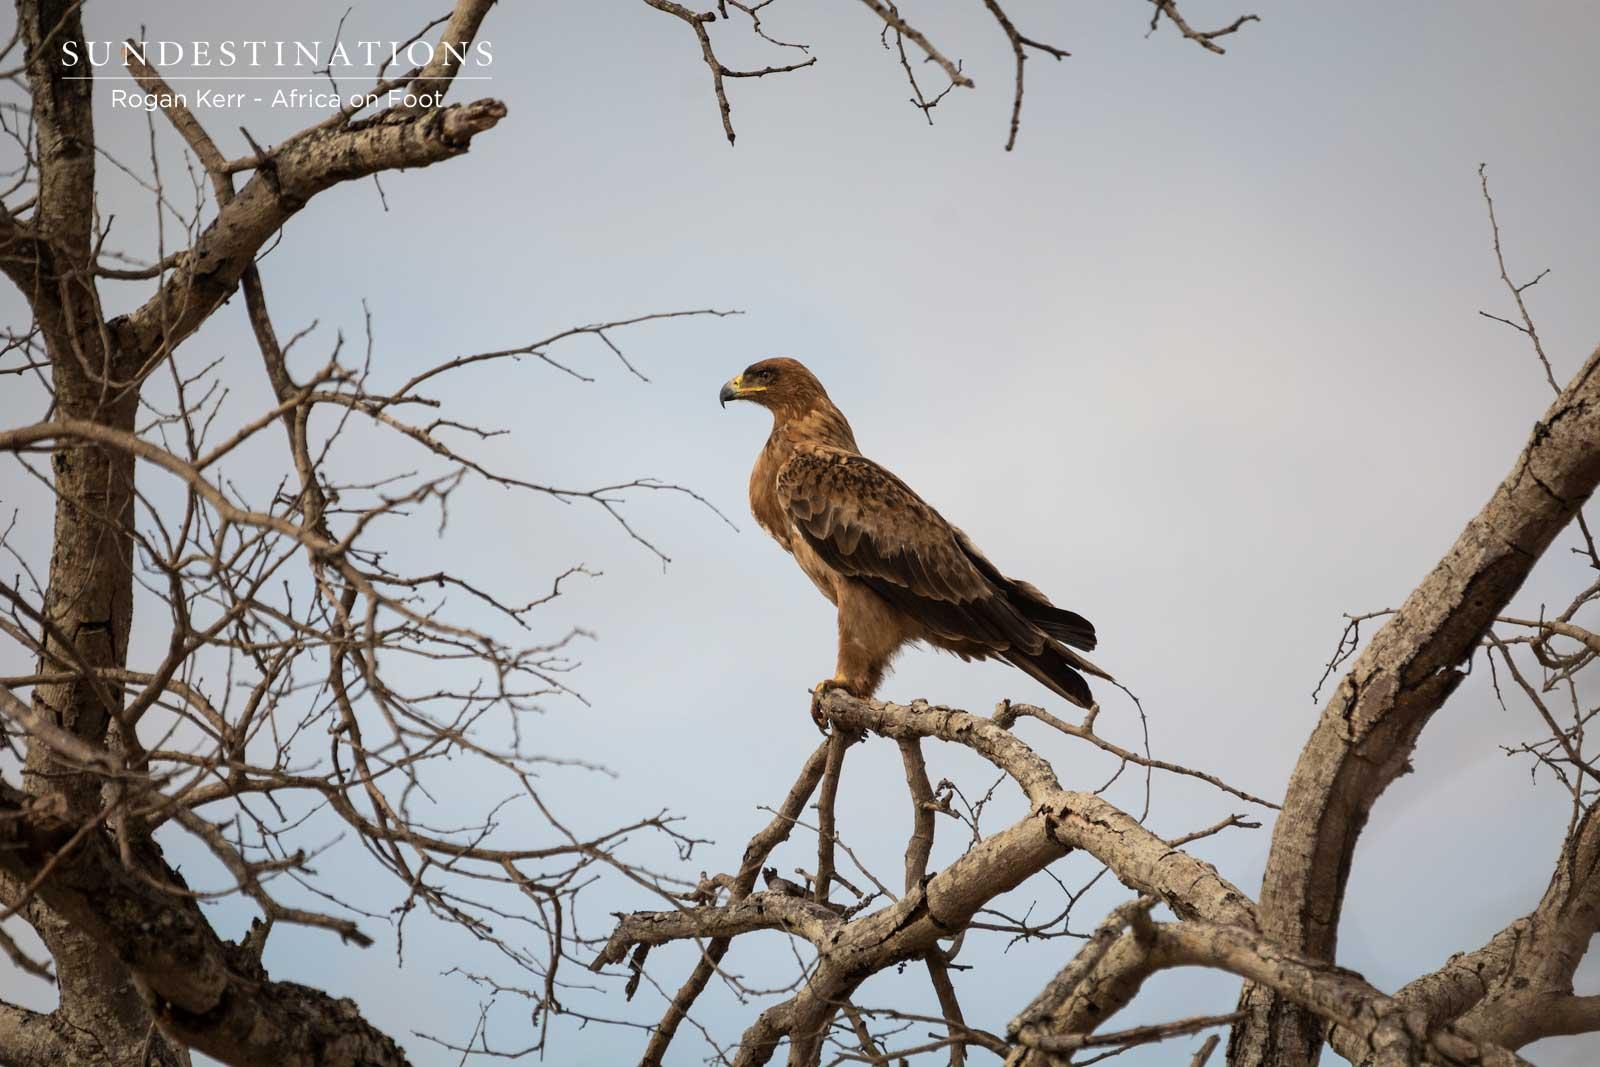 Tawny Eagle - Rogan Kerr